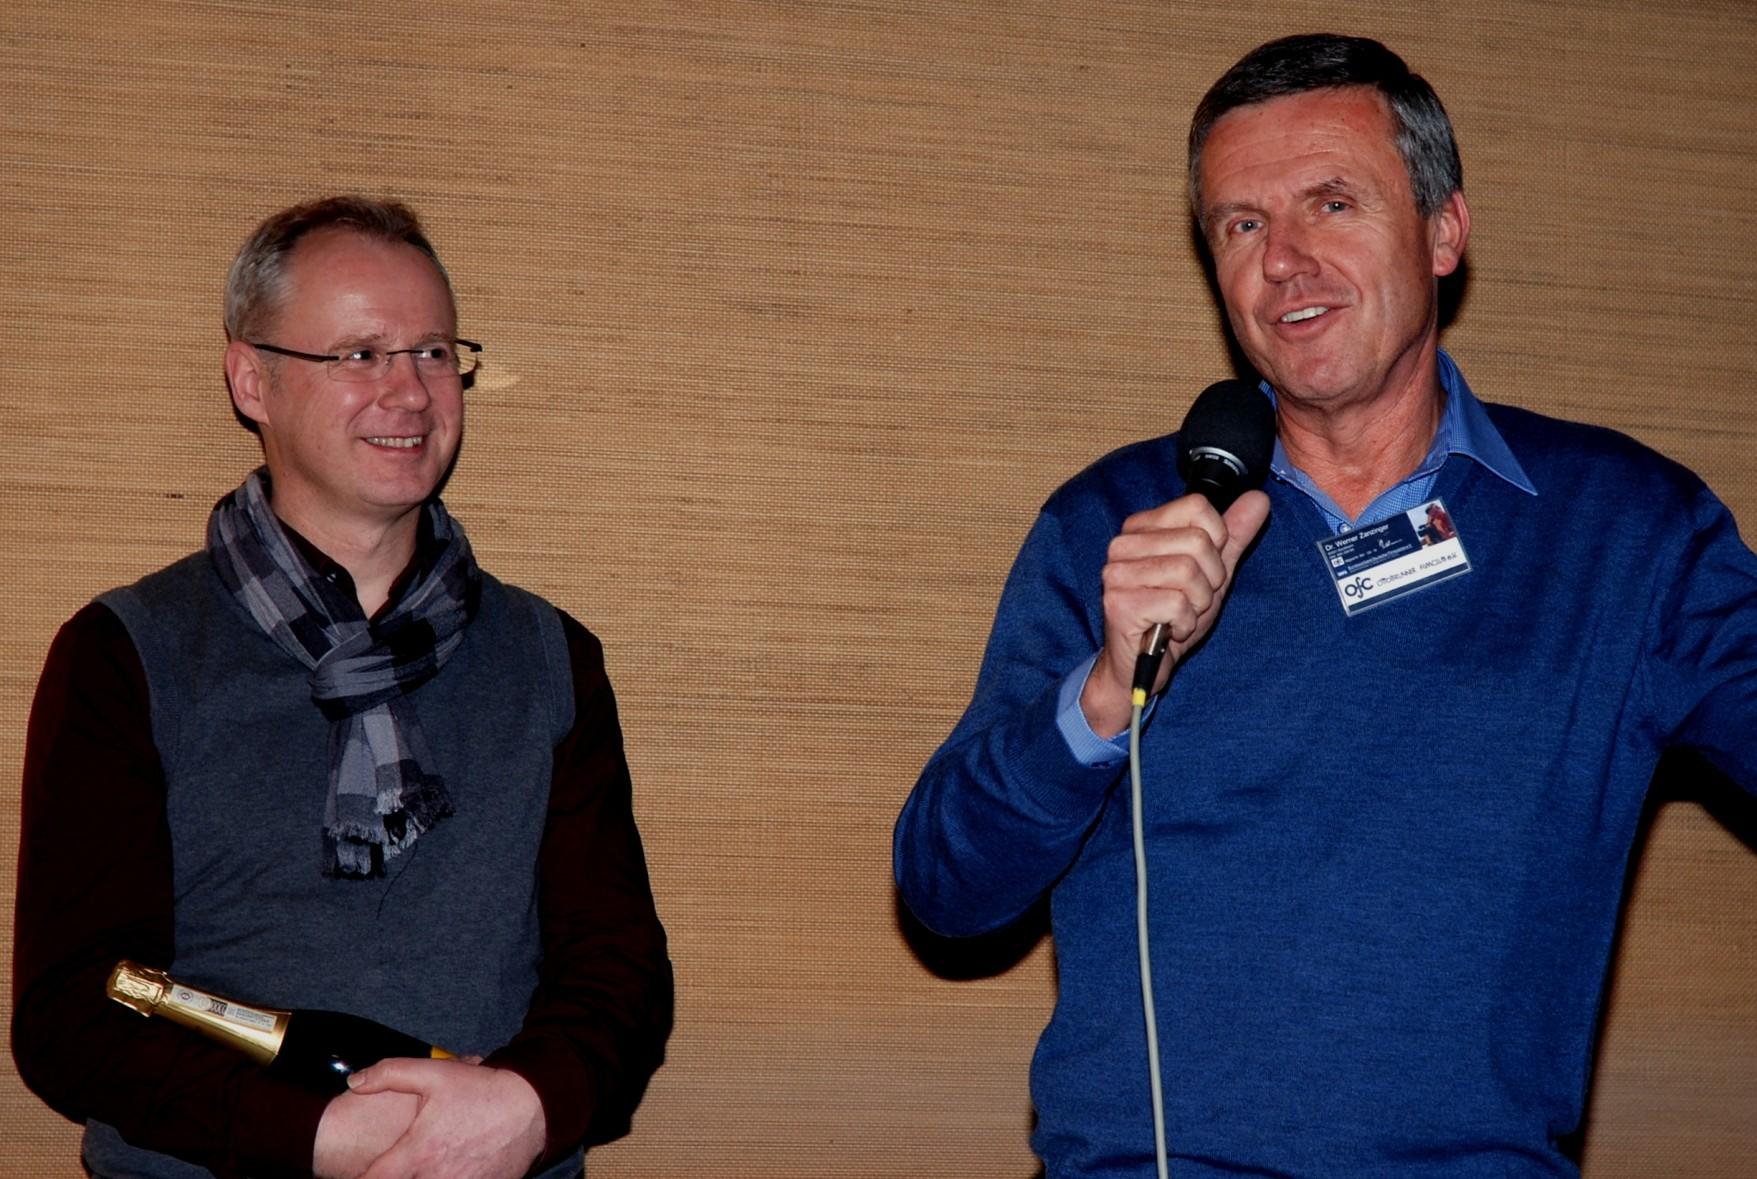 Werner spricht über die Entstehung seines Films und bedankt sich für den Oscar.